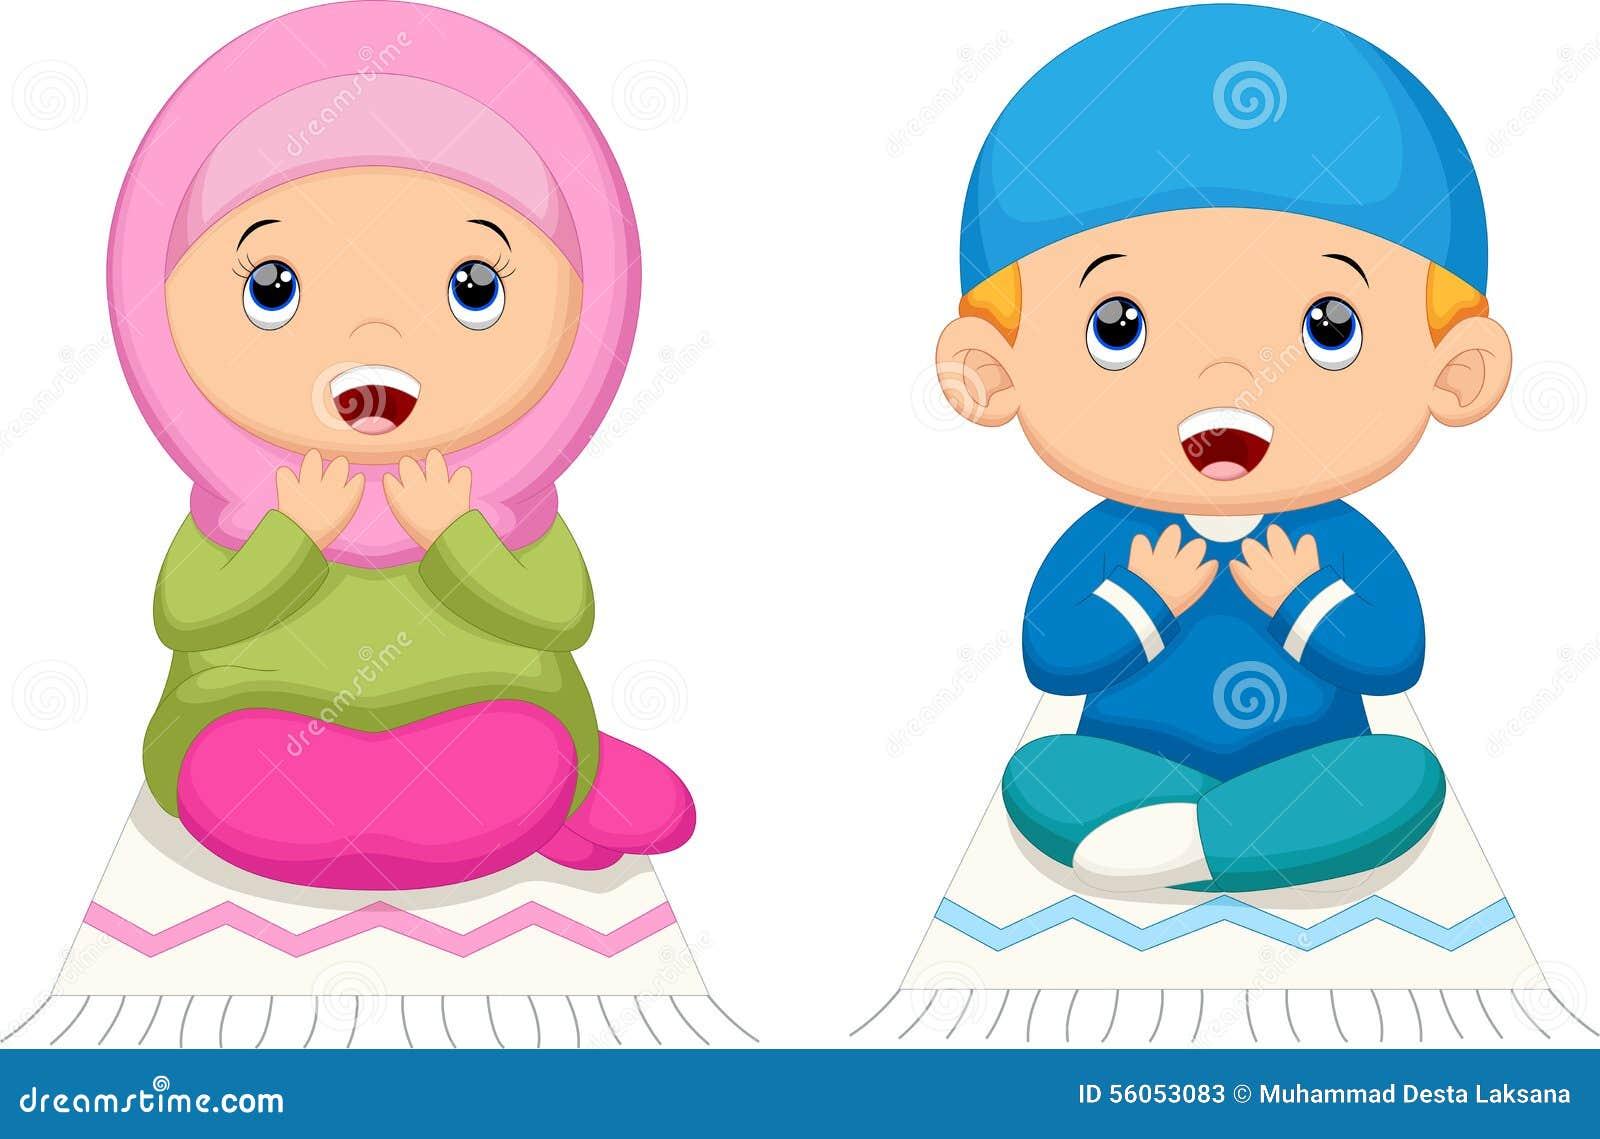 muslim kid praying stock illustration image 56053083 boy and girl praying clipart Black Woman Praying Clip Art